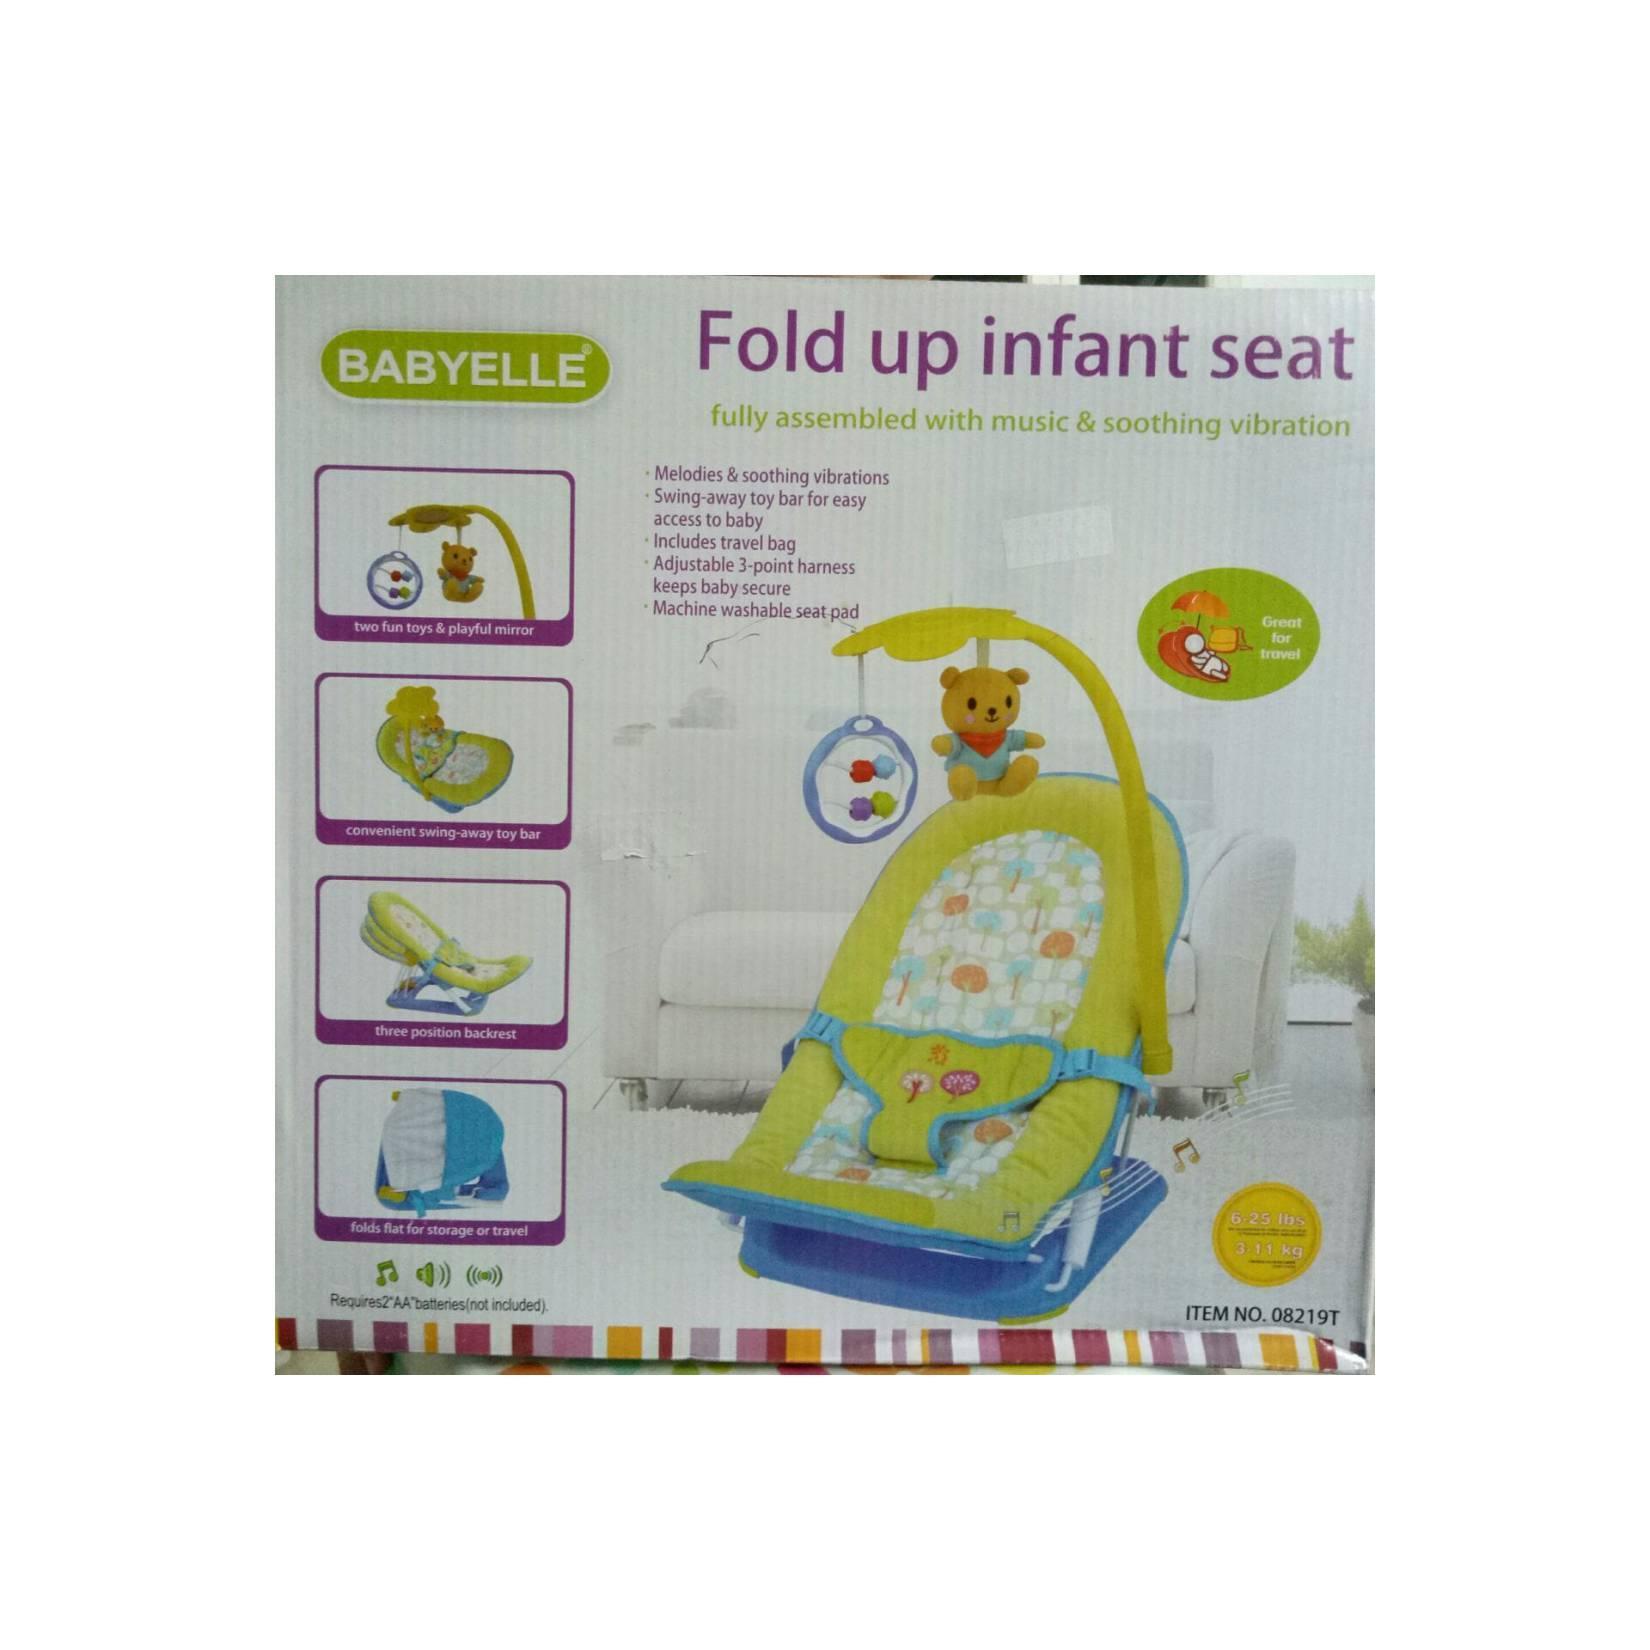 Fold Up Infant Seat merk BABYELLE